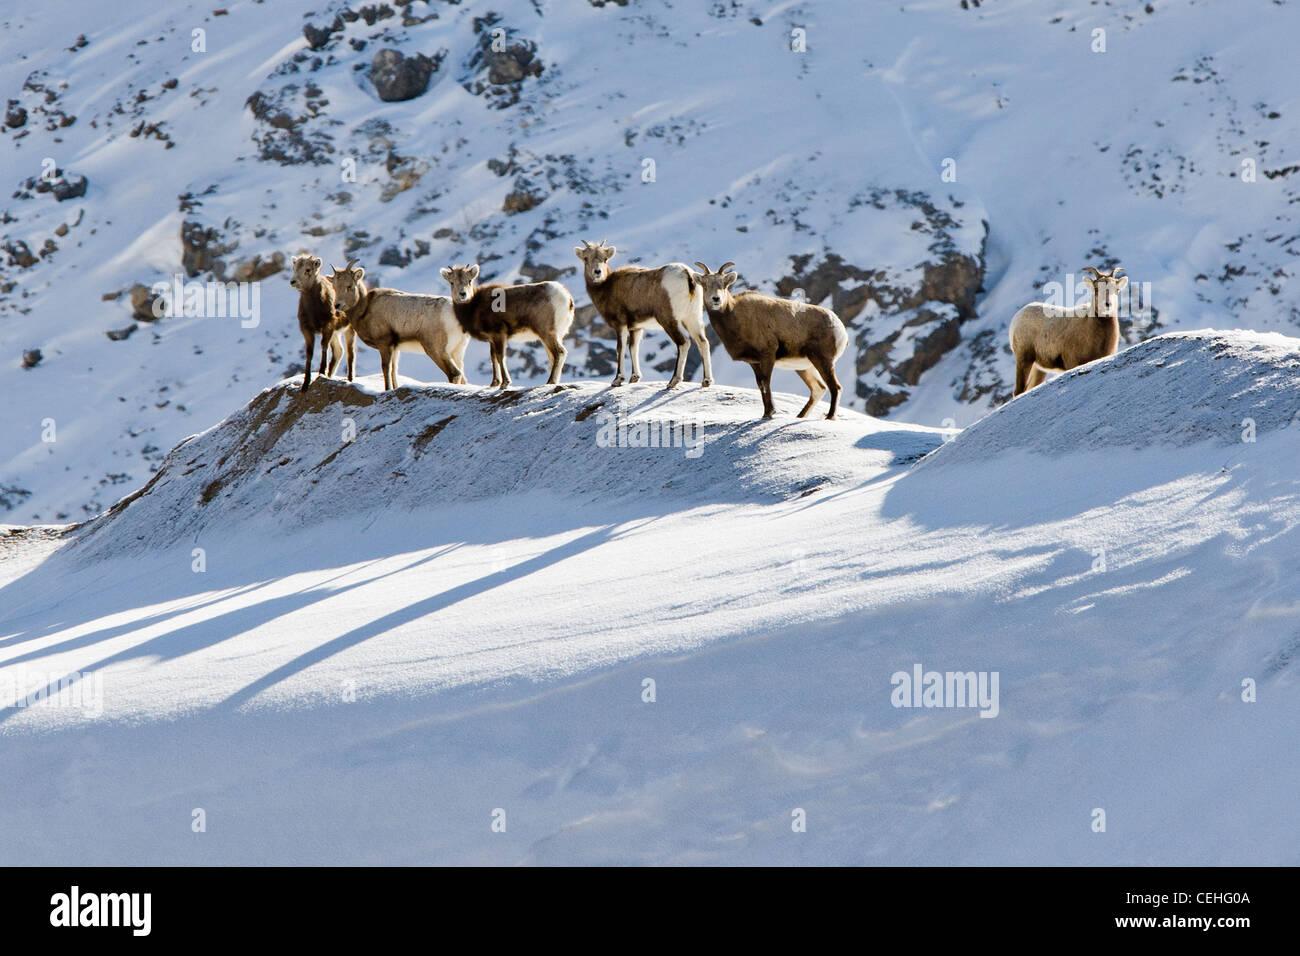 Rocky Mountain borrego cimarrón Ovis canadensis, en invierno, Monarch Pass, Colorado, EE.UU. Imagen De Stock